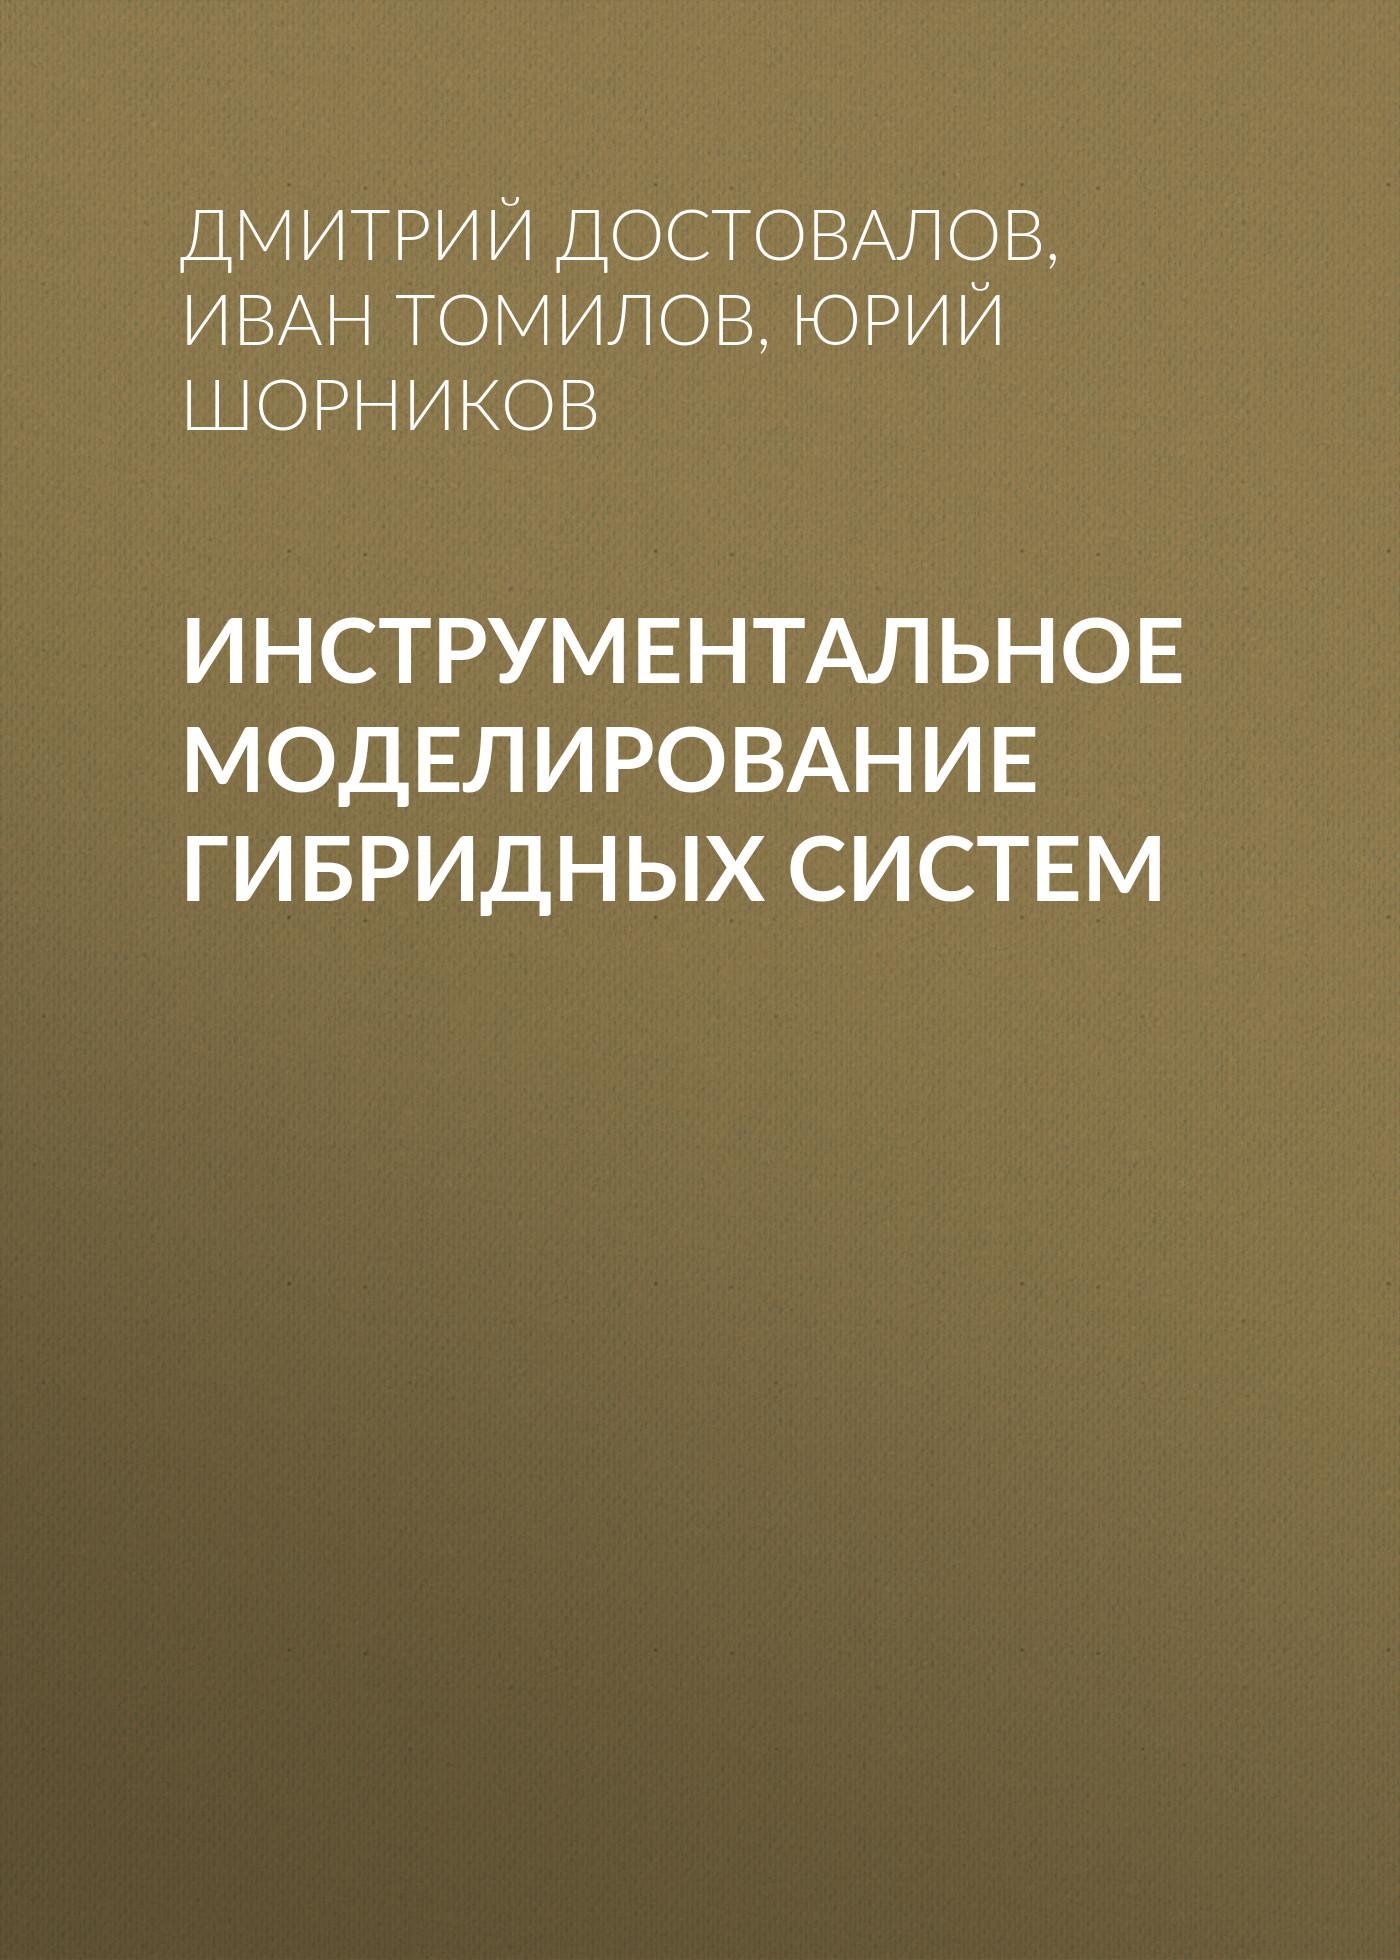 Иван Томилов Инструментальное моделирование гибридных систем н г ярушкина основы теории нечетких и гибридных систем учебное пособие